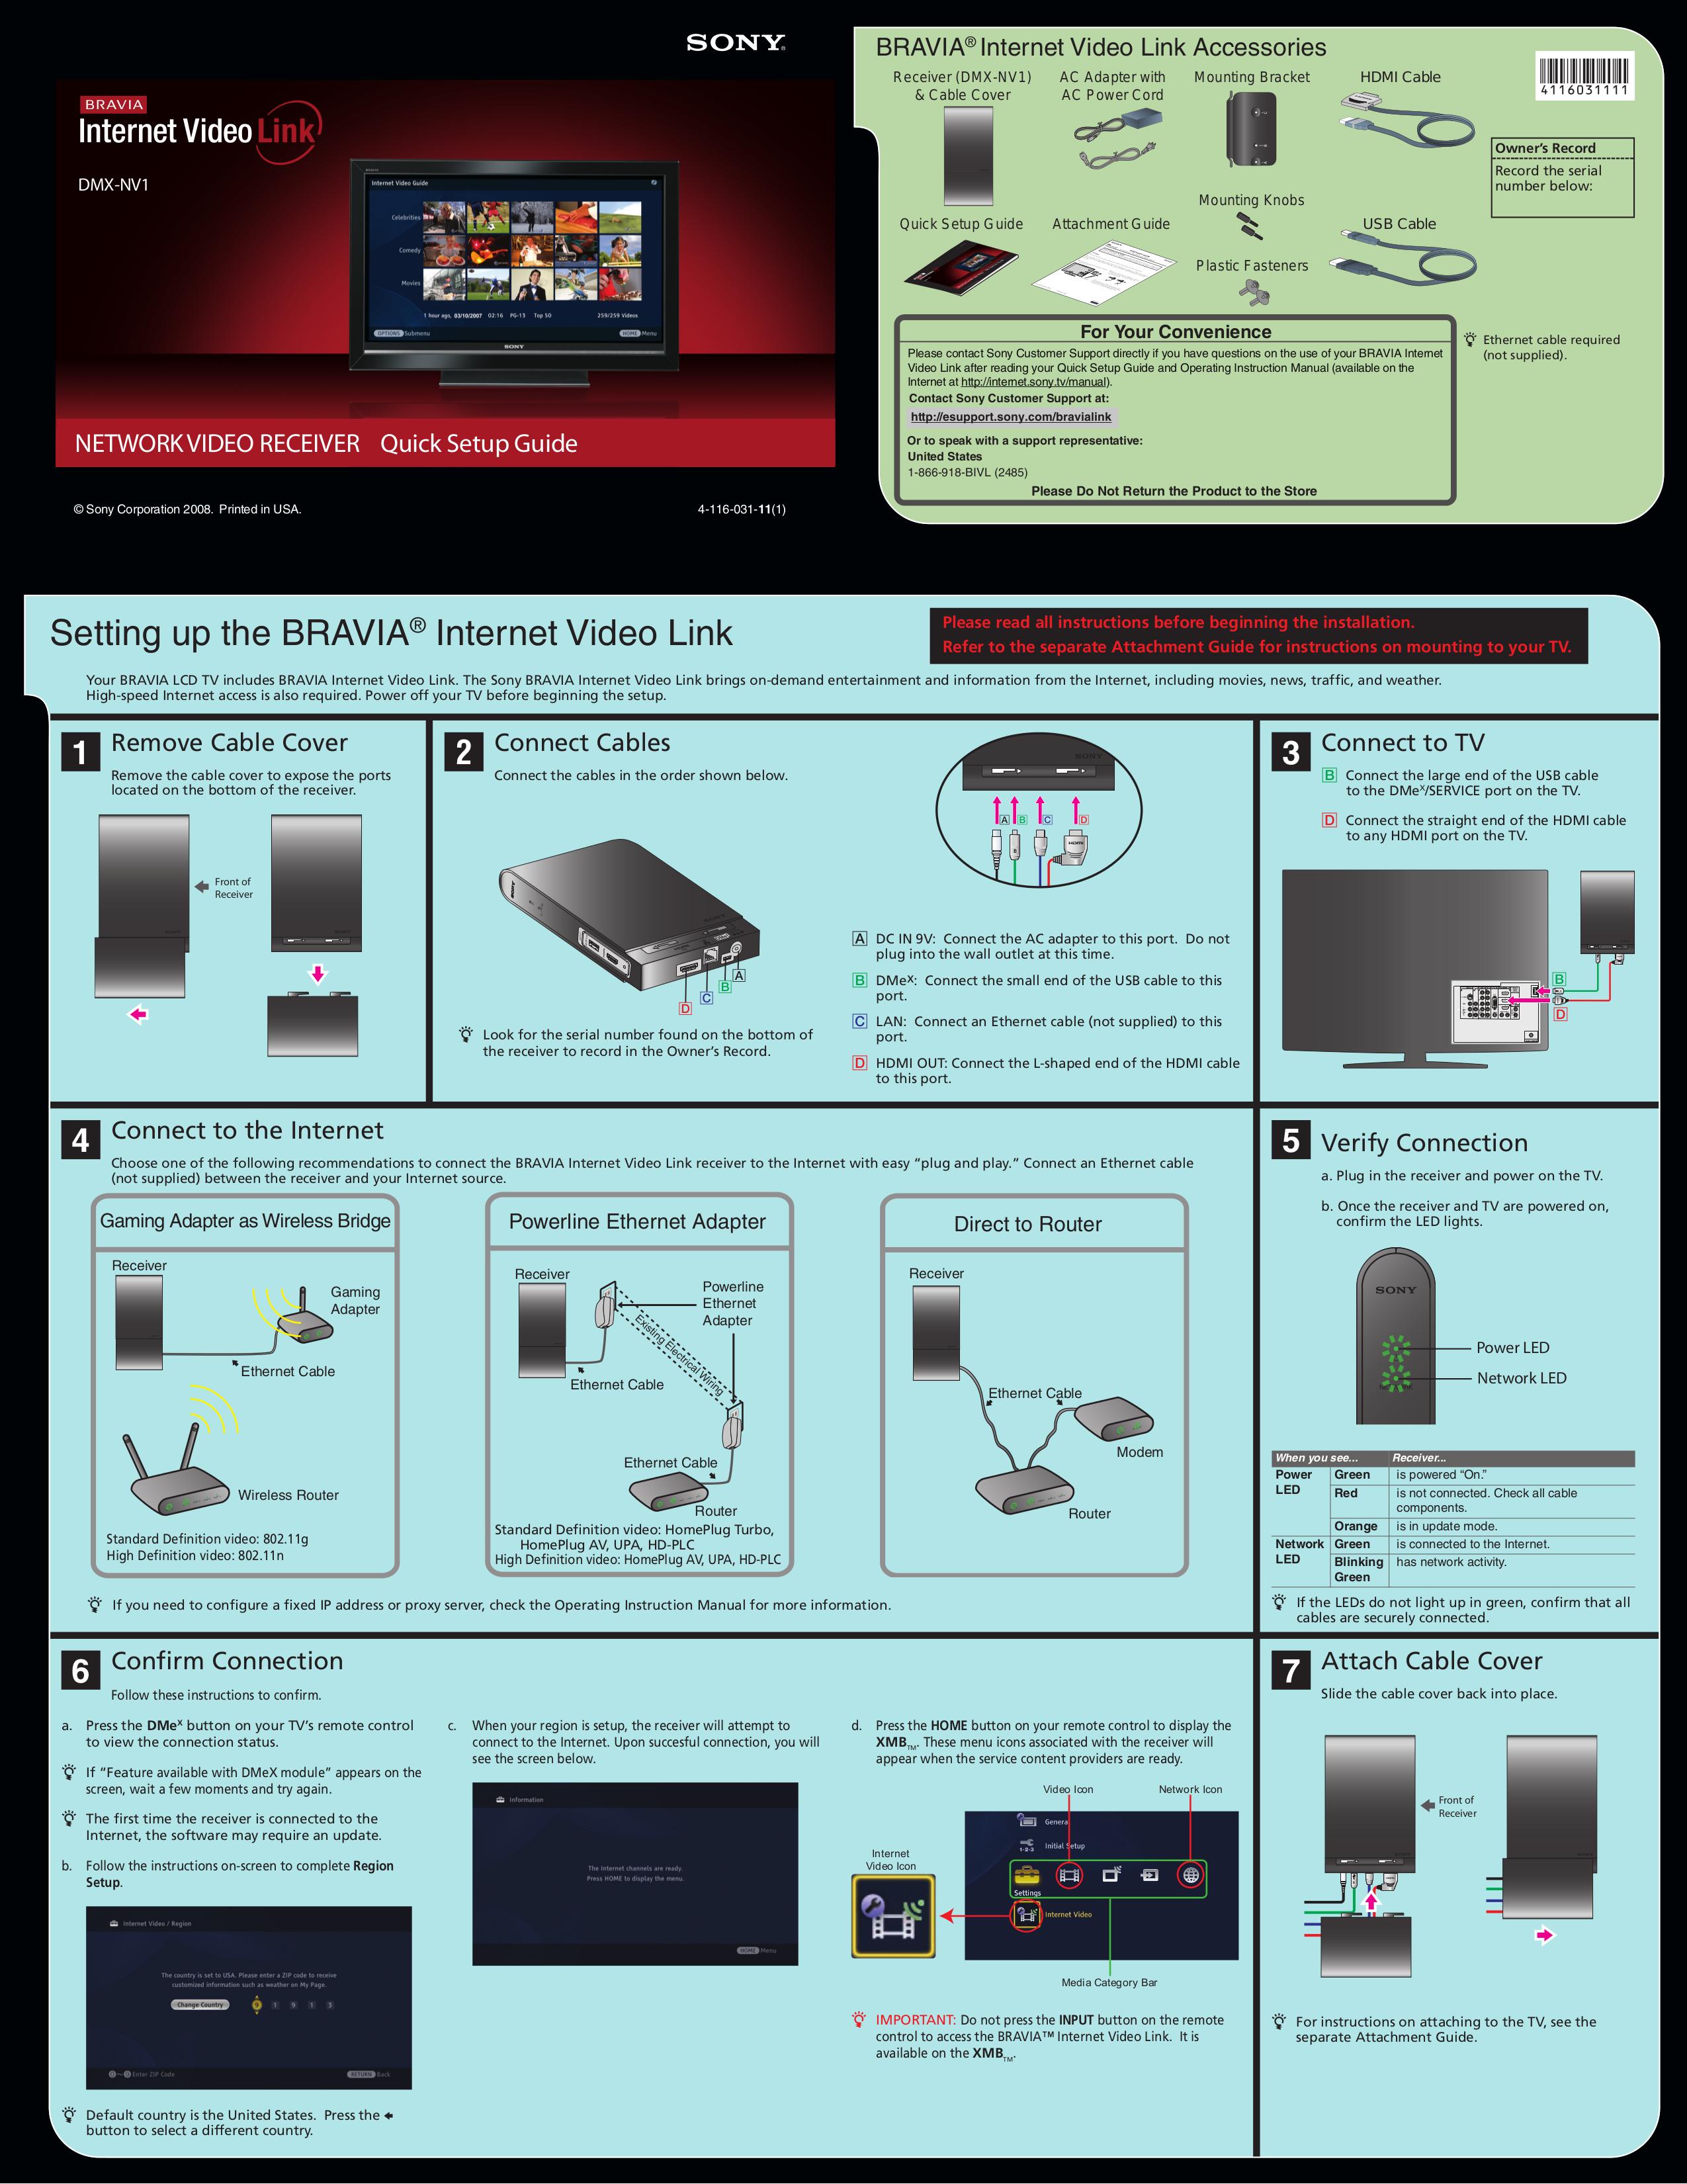 download free pdf for sony bravia kdl 40s4100 tv manual rh umlib com sony bravia 40s4100 manual sony bravia kdl-40s4100 manual pdf